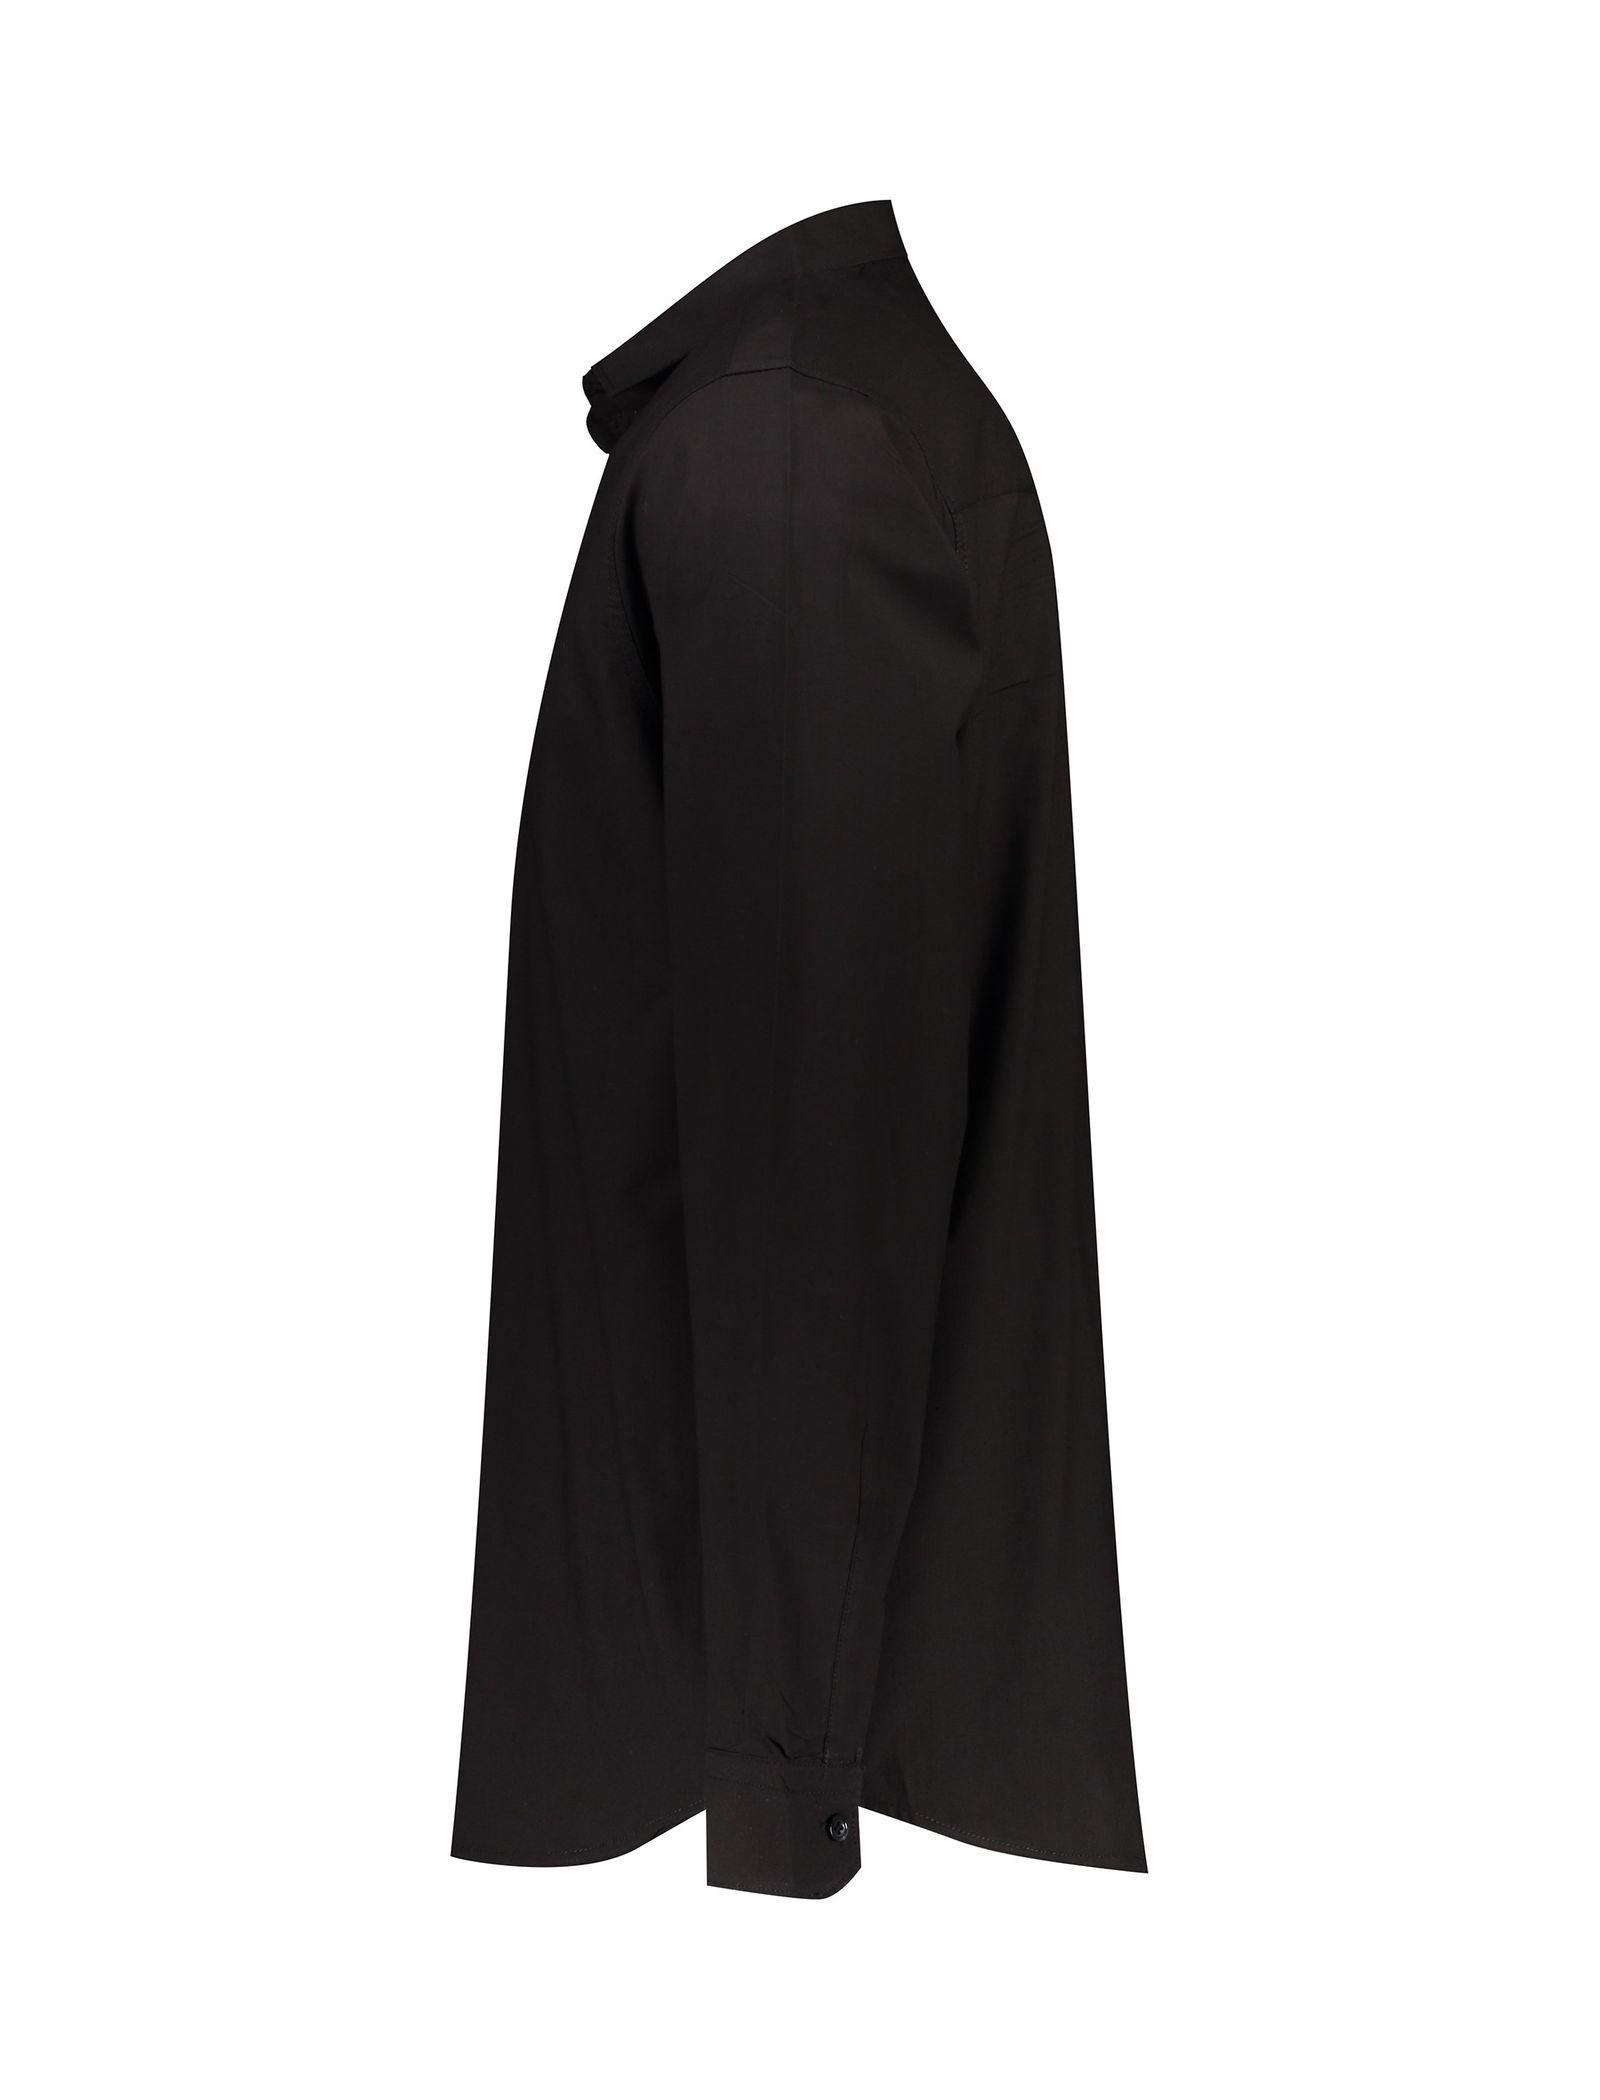 پیراهن نخی آستین بلند مردانه - آر اِن اِس - مشکي - 3